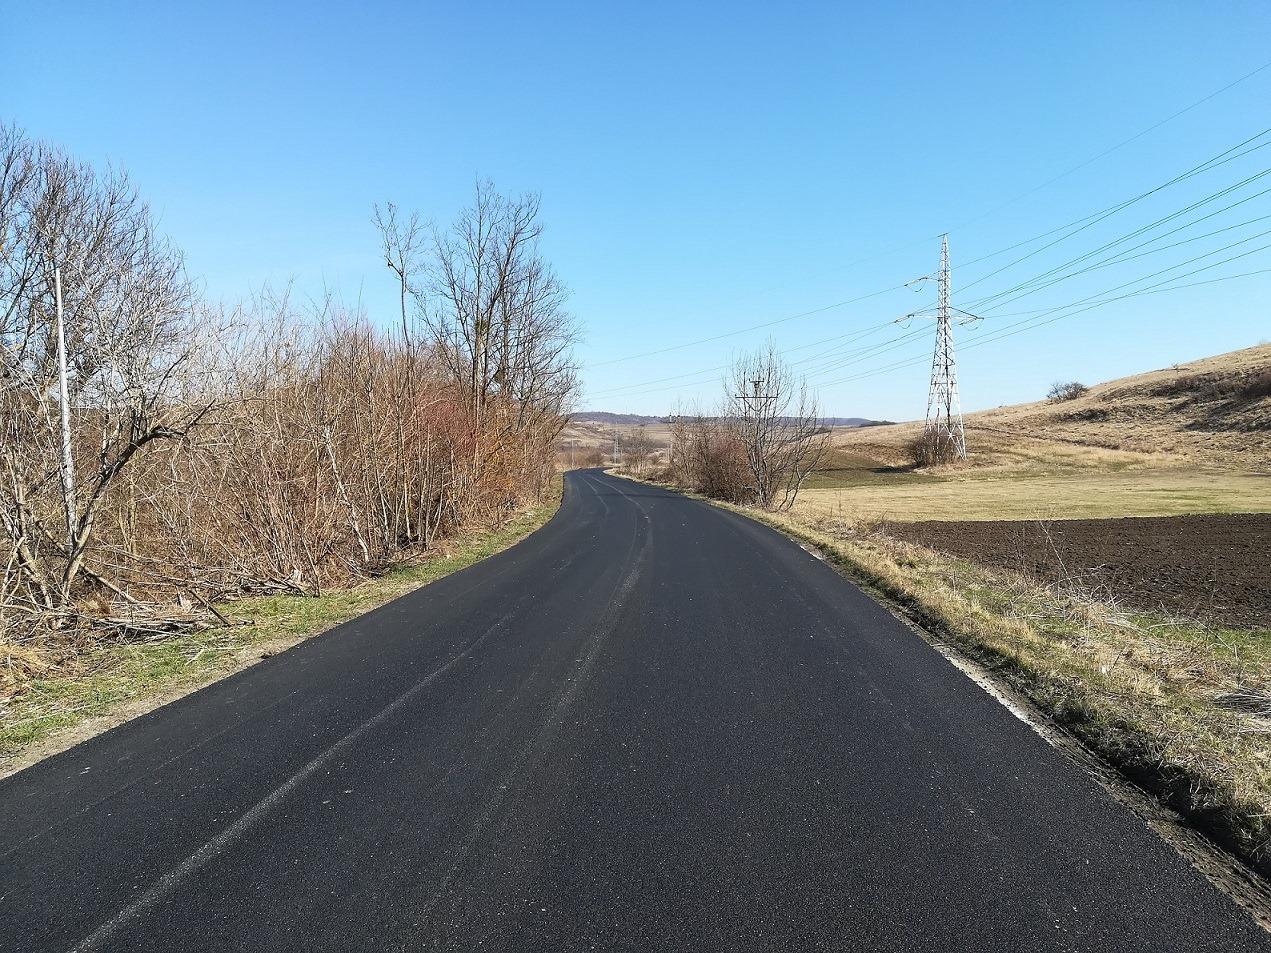 Deși e pandemie de coronavirus, muncitorii Consiliului Județean au fost trimiși pe teren la asfaltarea a două sectoare ale drumului județean 108C Gârbău – Aghireșu – Leghia